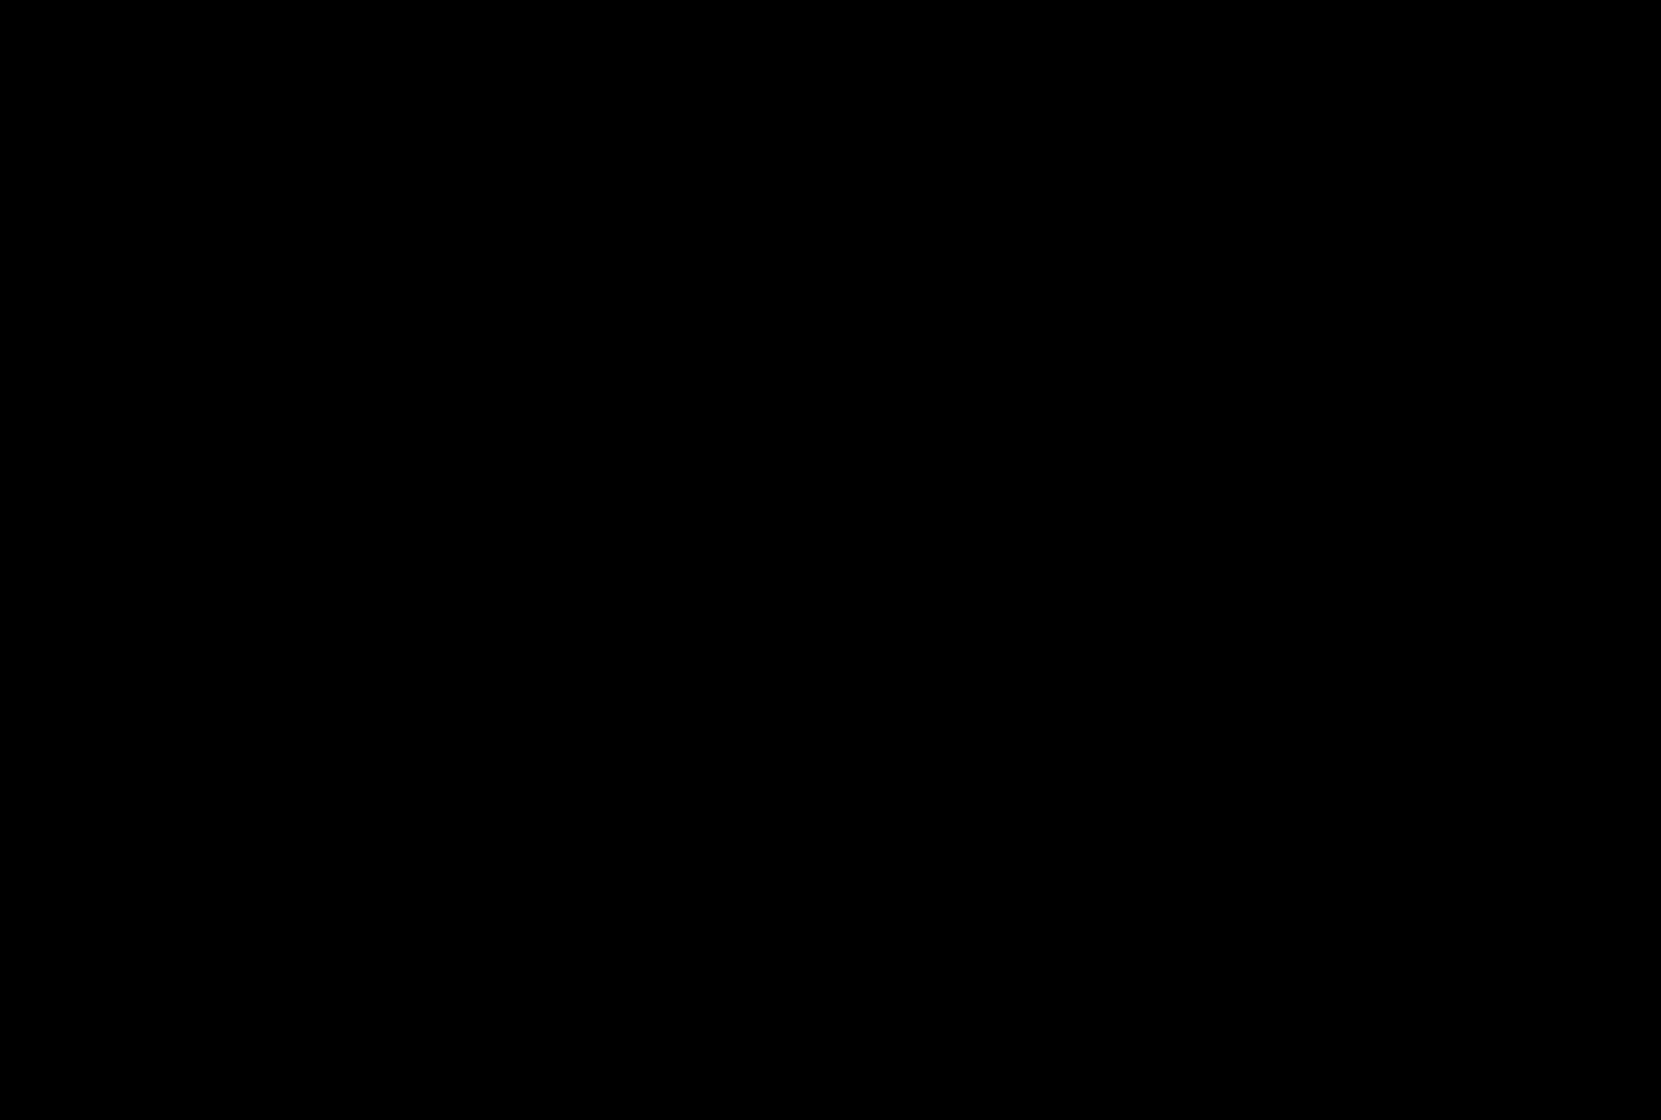 helatomic-illustration-vector-03.png